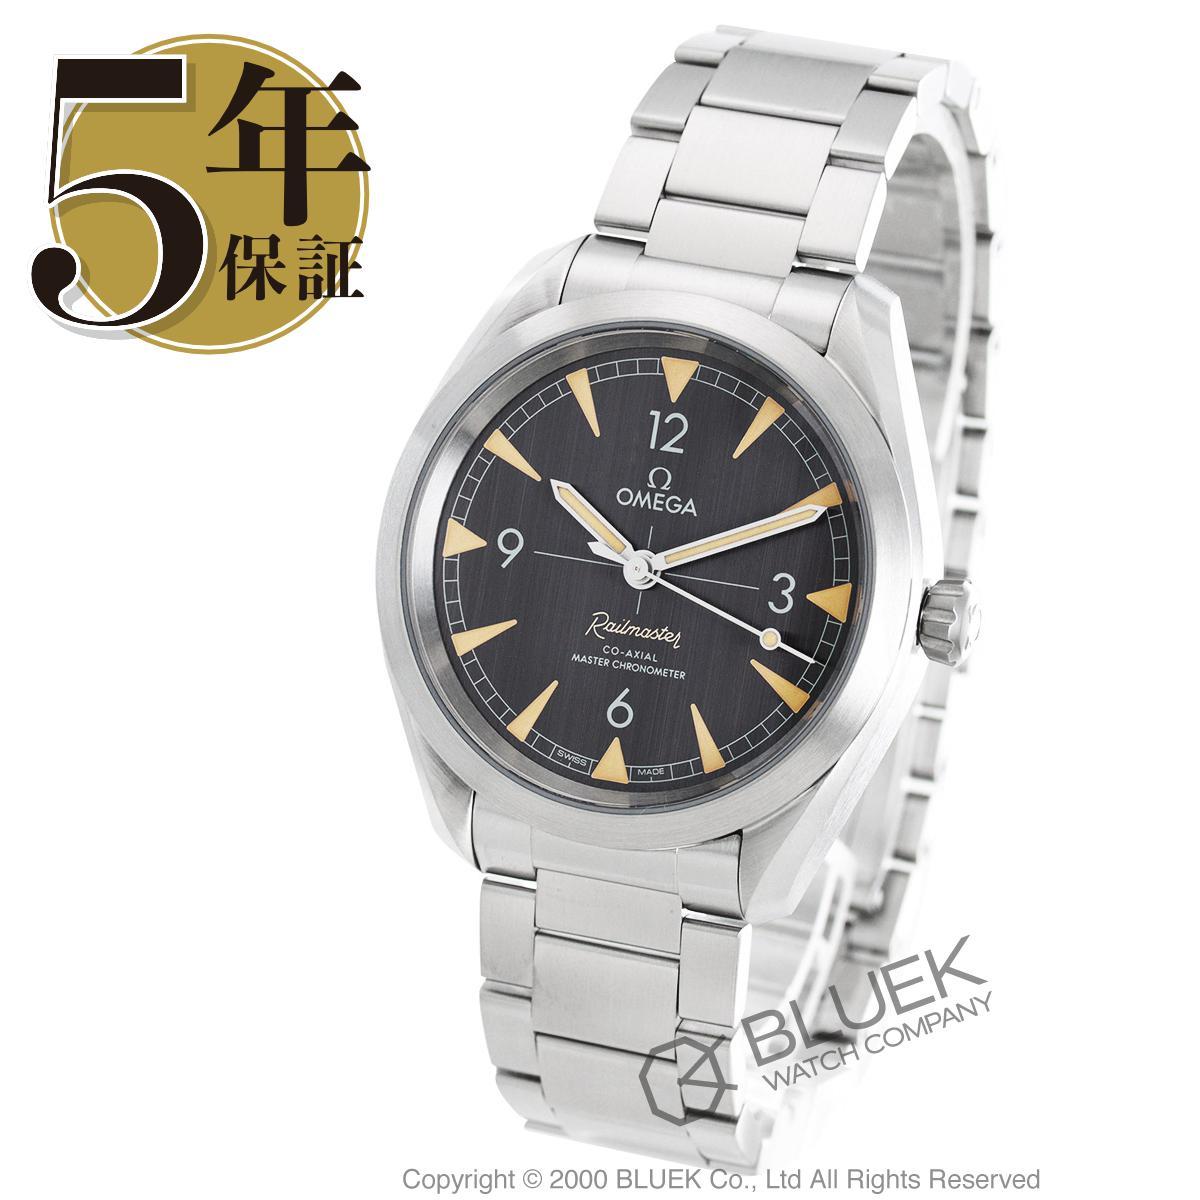 オメガ シーマスター レイルマスター マスタークロノメーター 腕時計 メンズ OMEGA 220.10.40.20.01.001_5